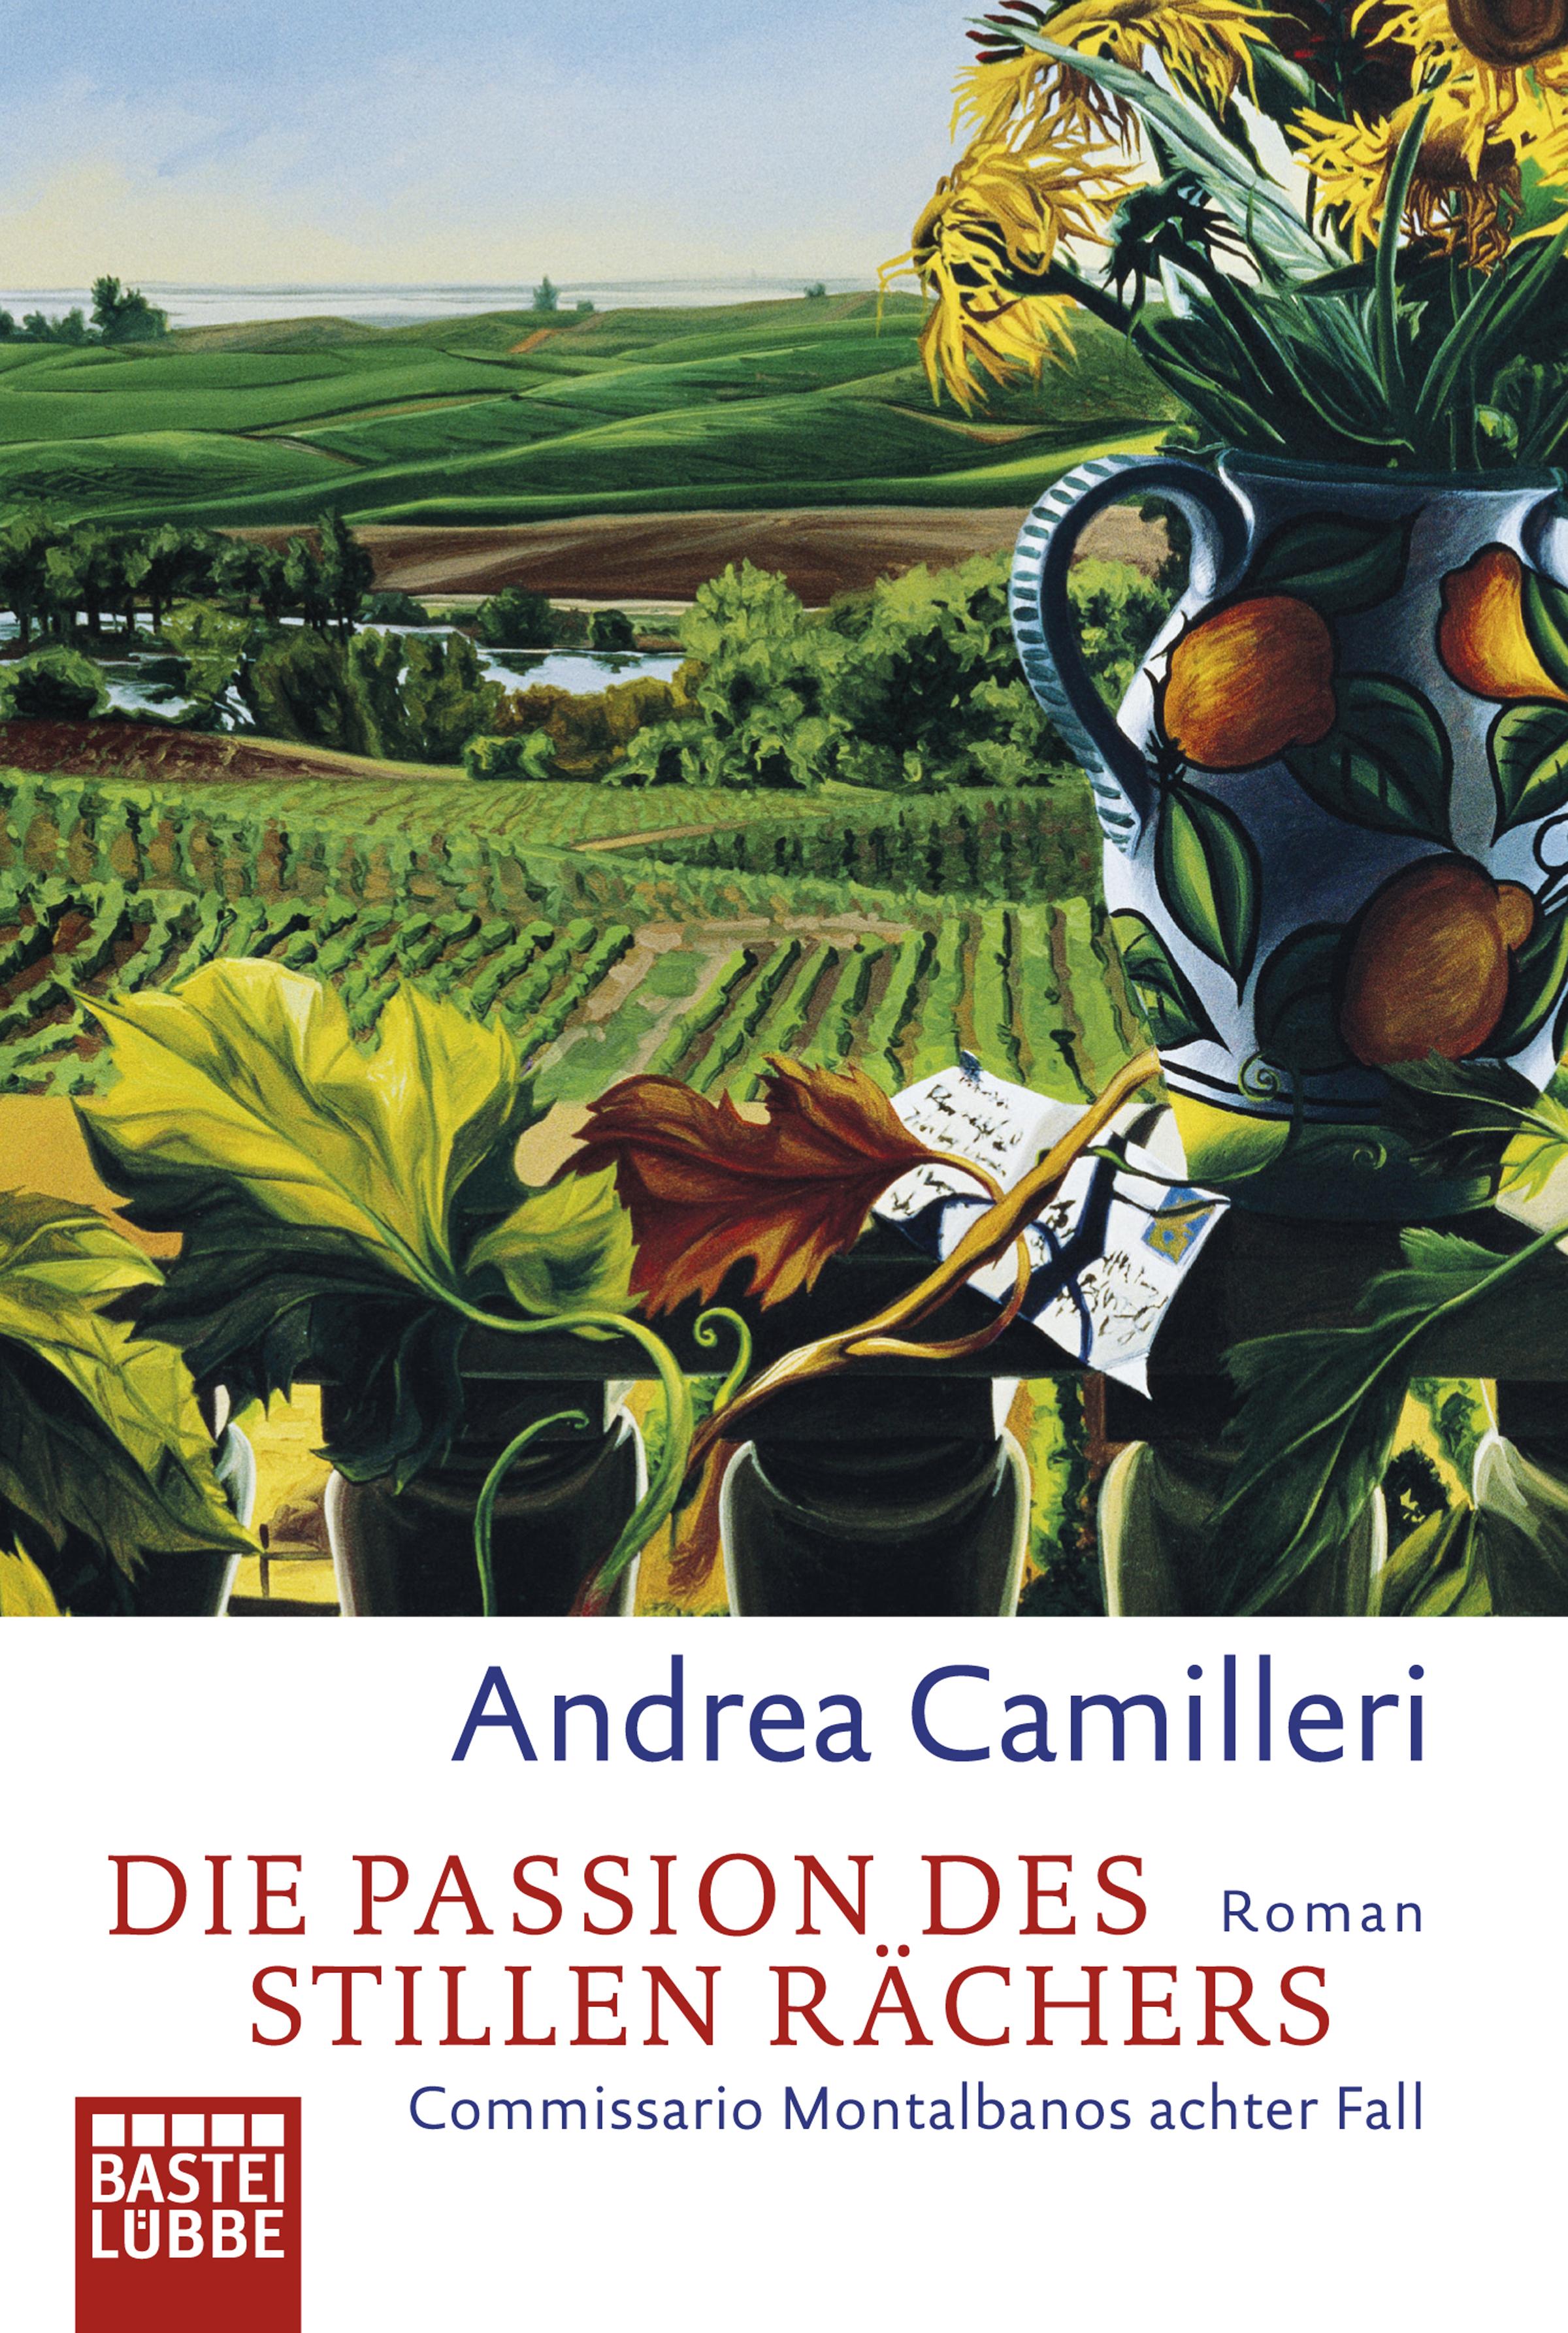 Die Passion des stillen Rächers: Commissario Montalbano stößt an seine Grenzen - Andrea Camilleri